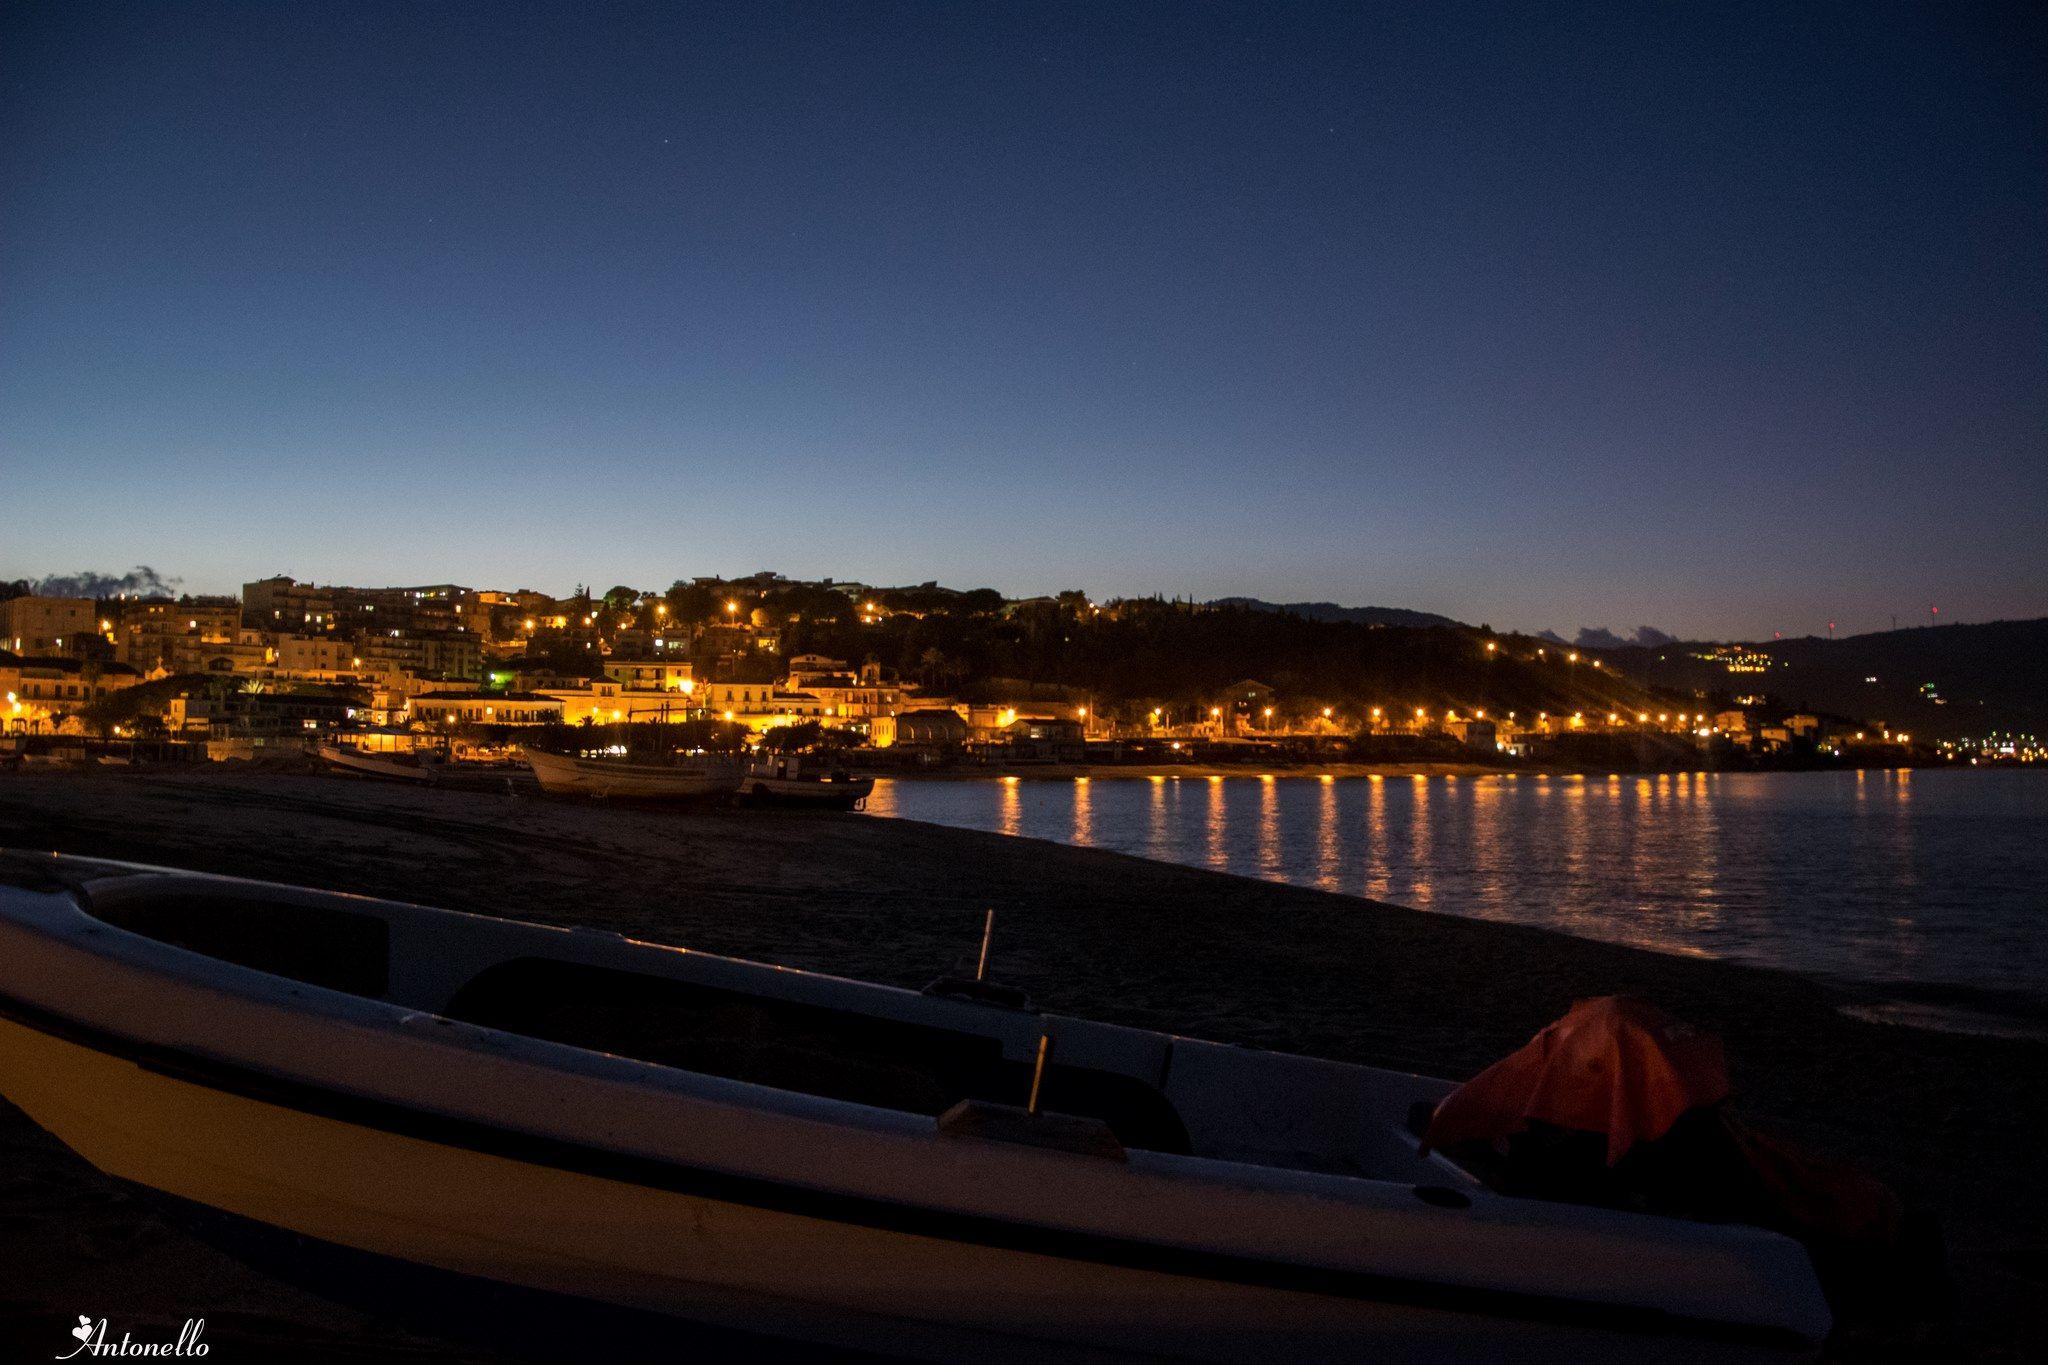 Soverato  Ionian Coast  Calabria  Italy  4 Km Far From